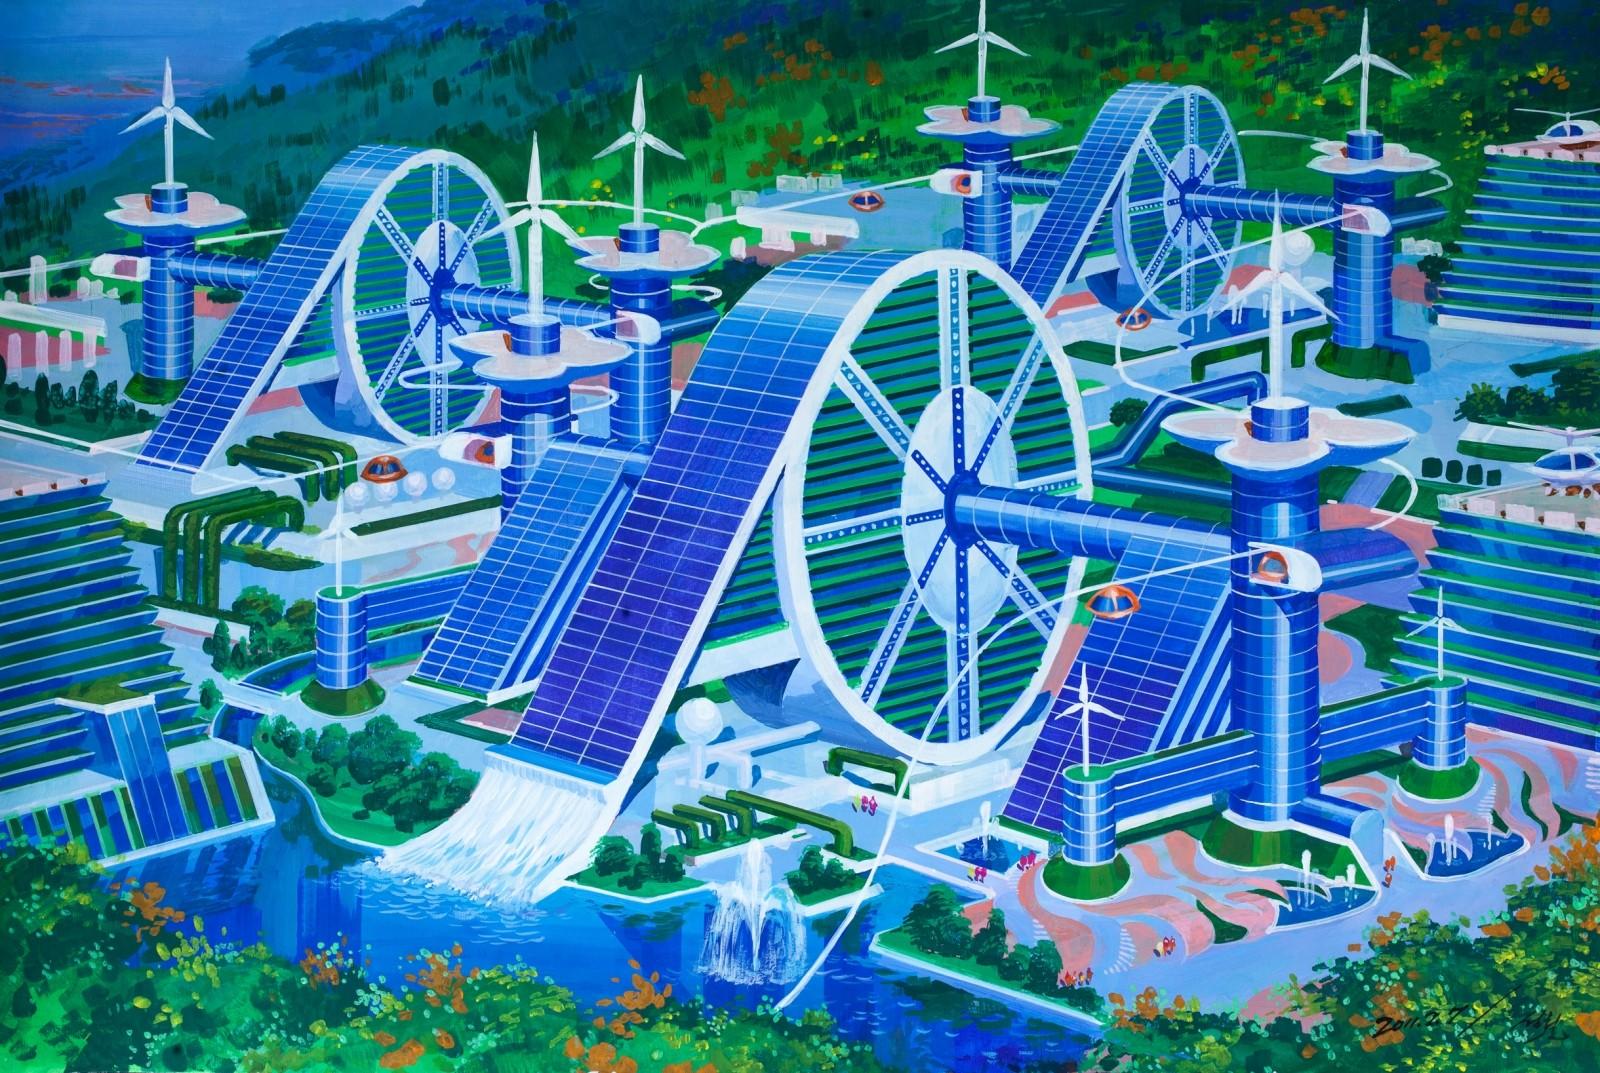 El futuro del pasado, hoy: ¿cómo es ser arquitecto en Corea del Norte?, Sede cooperativa cubeirta con paneles solares fotovoltáicos, una de las ilustraciones exhibidas en el Pabellón de Corea del Sur en Venecia. Imagen cortesía de Koryo Tours